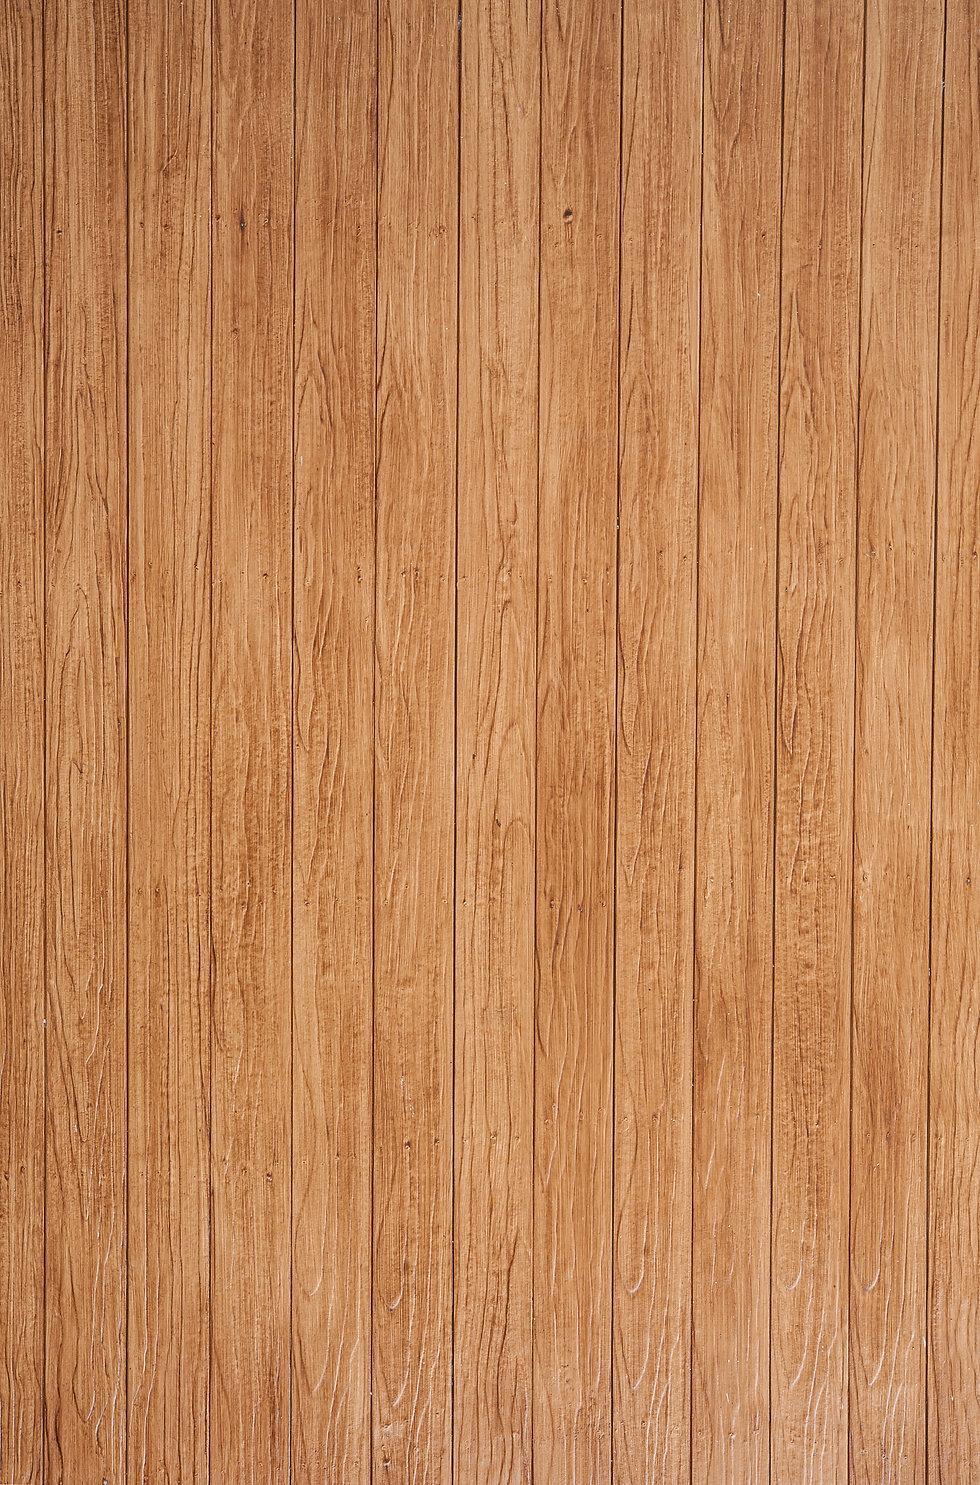 V2_Wood.jpg